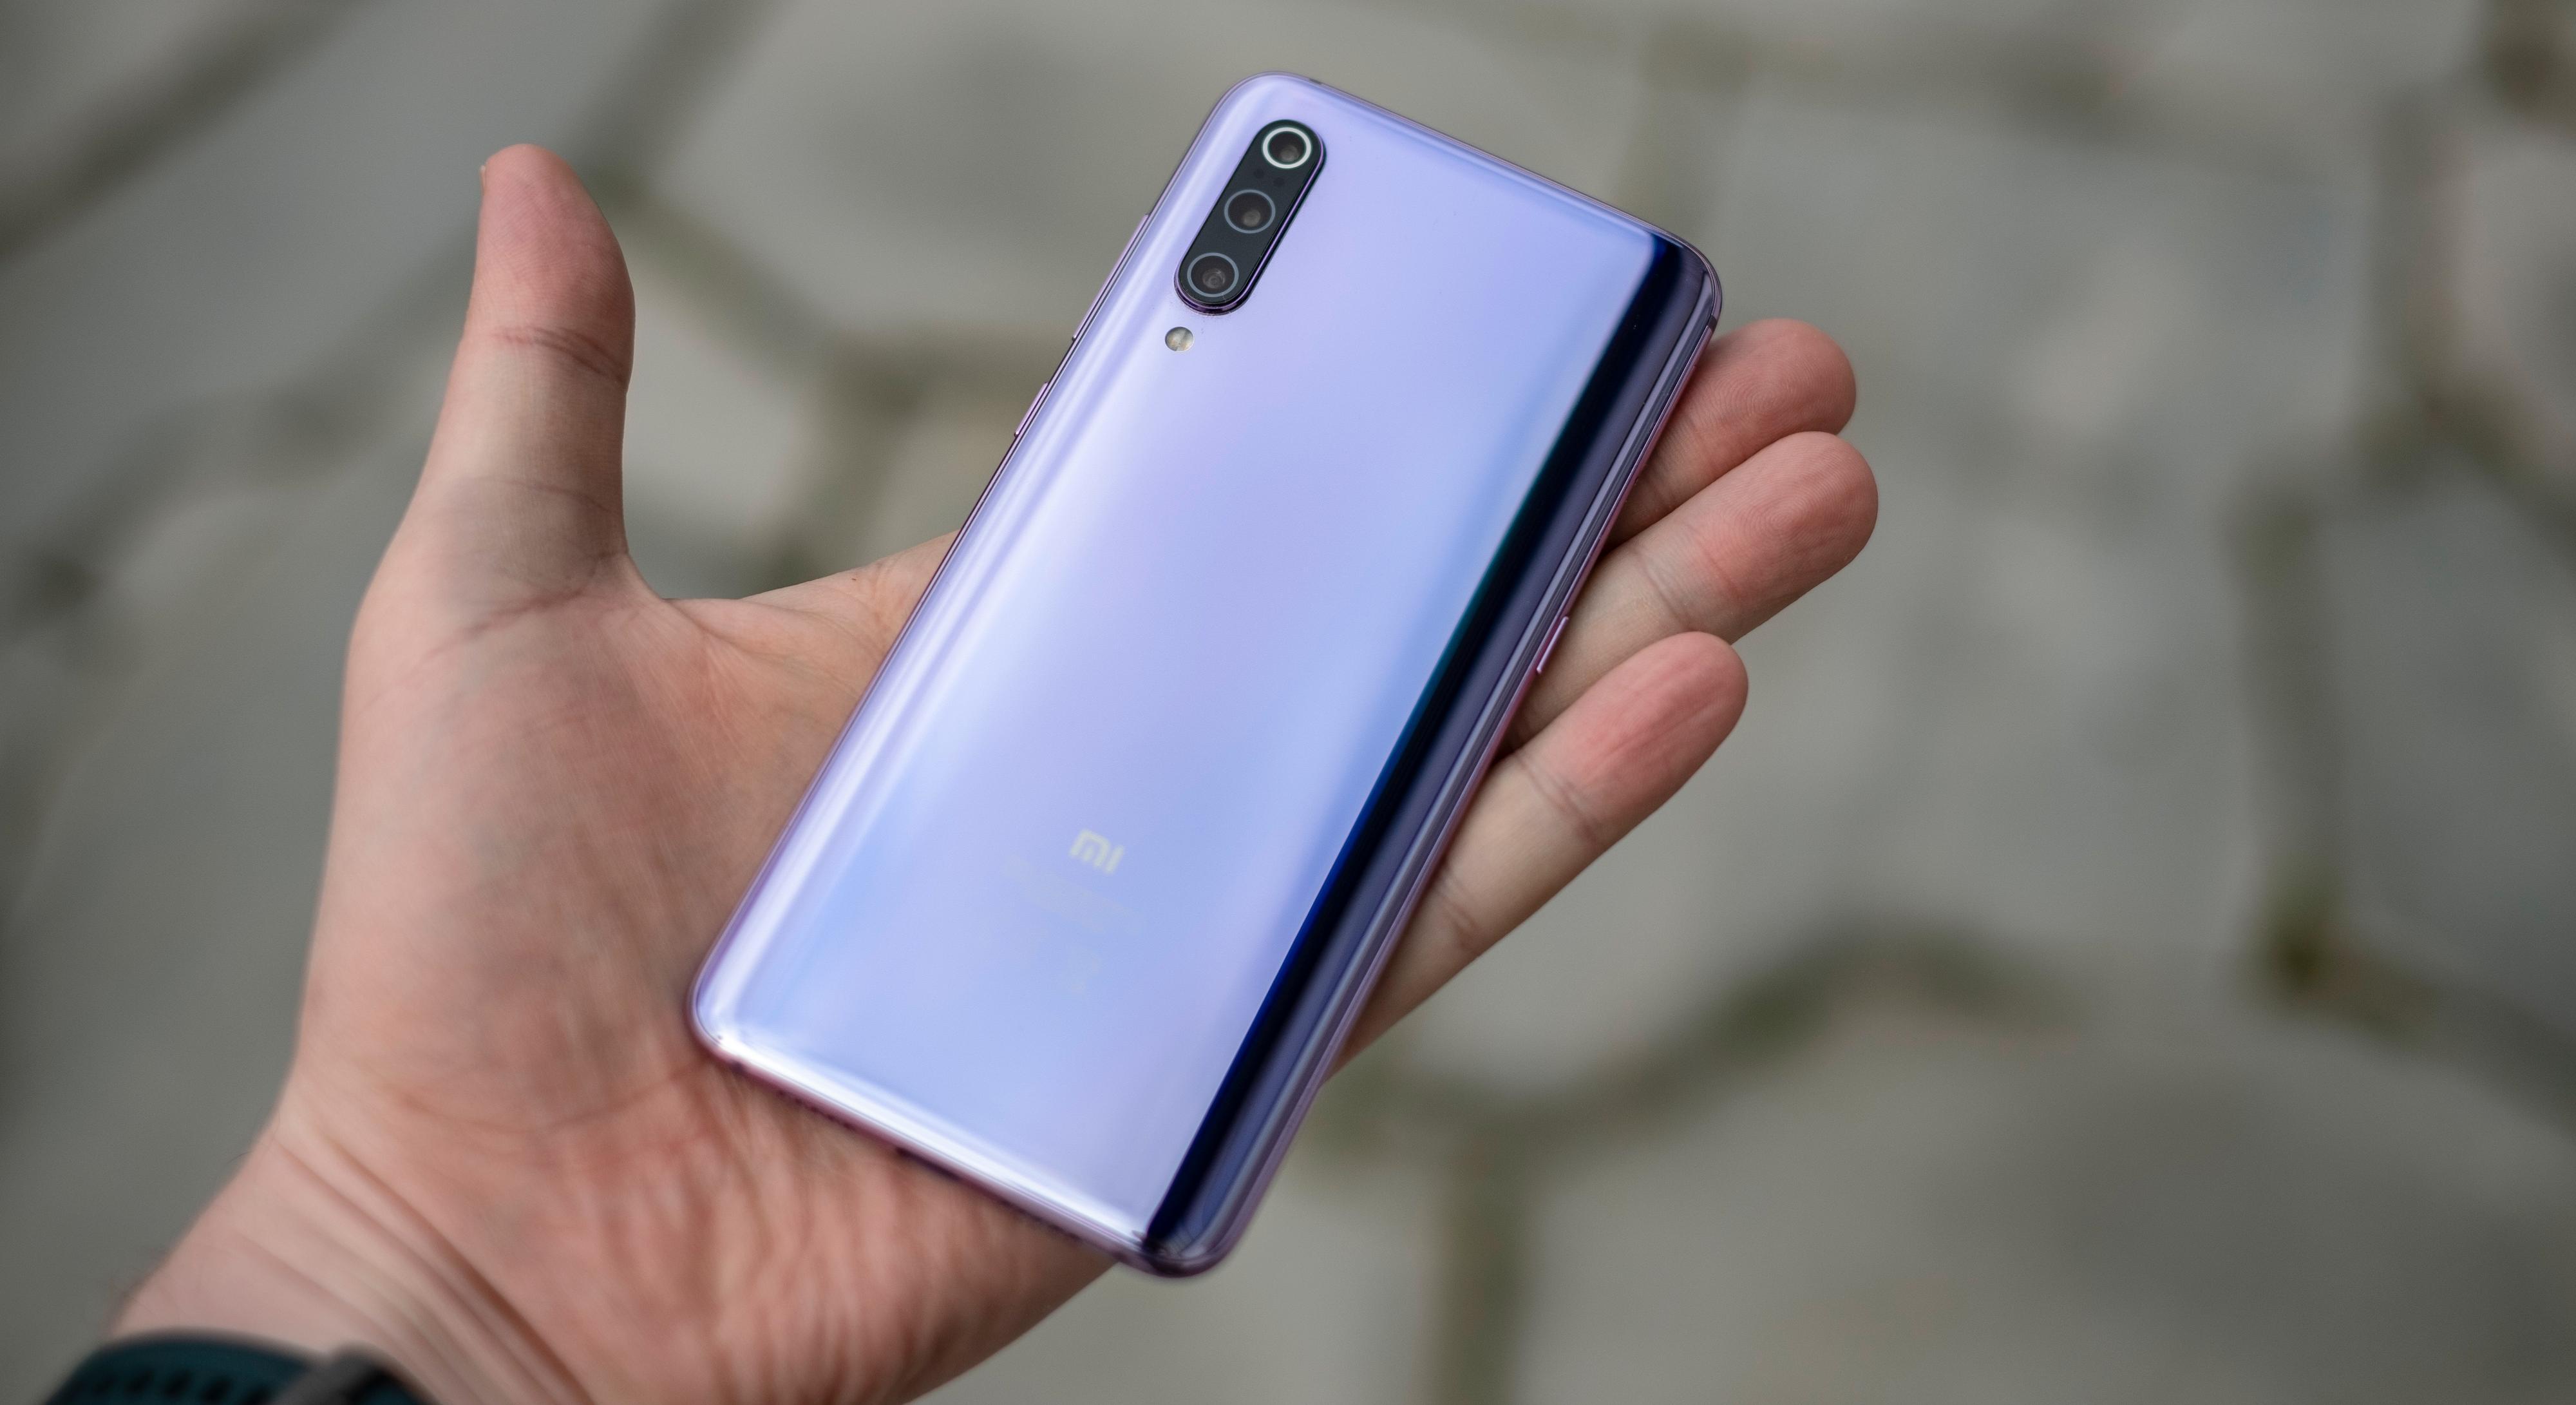 Den lyselilla utførelsen er svært lekker å se til, men du kan naturligvis også få Xiaomi Mi 9 i svart.